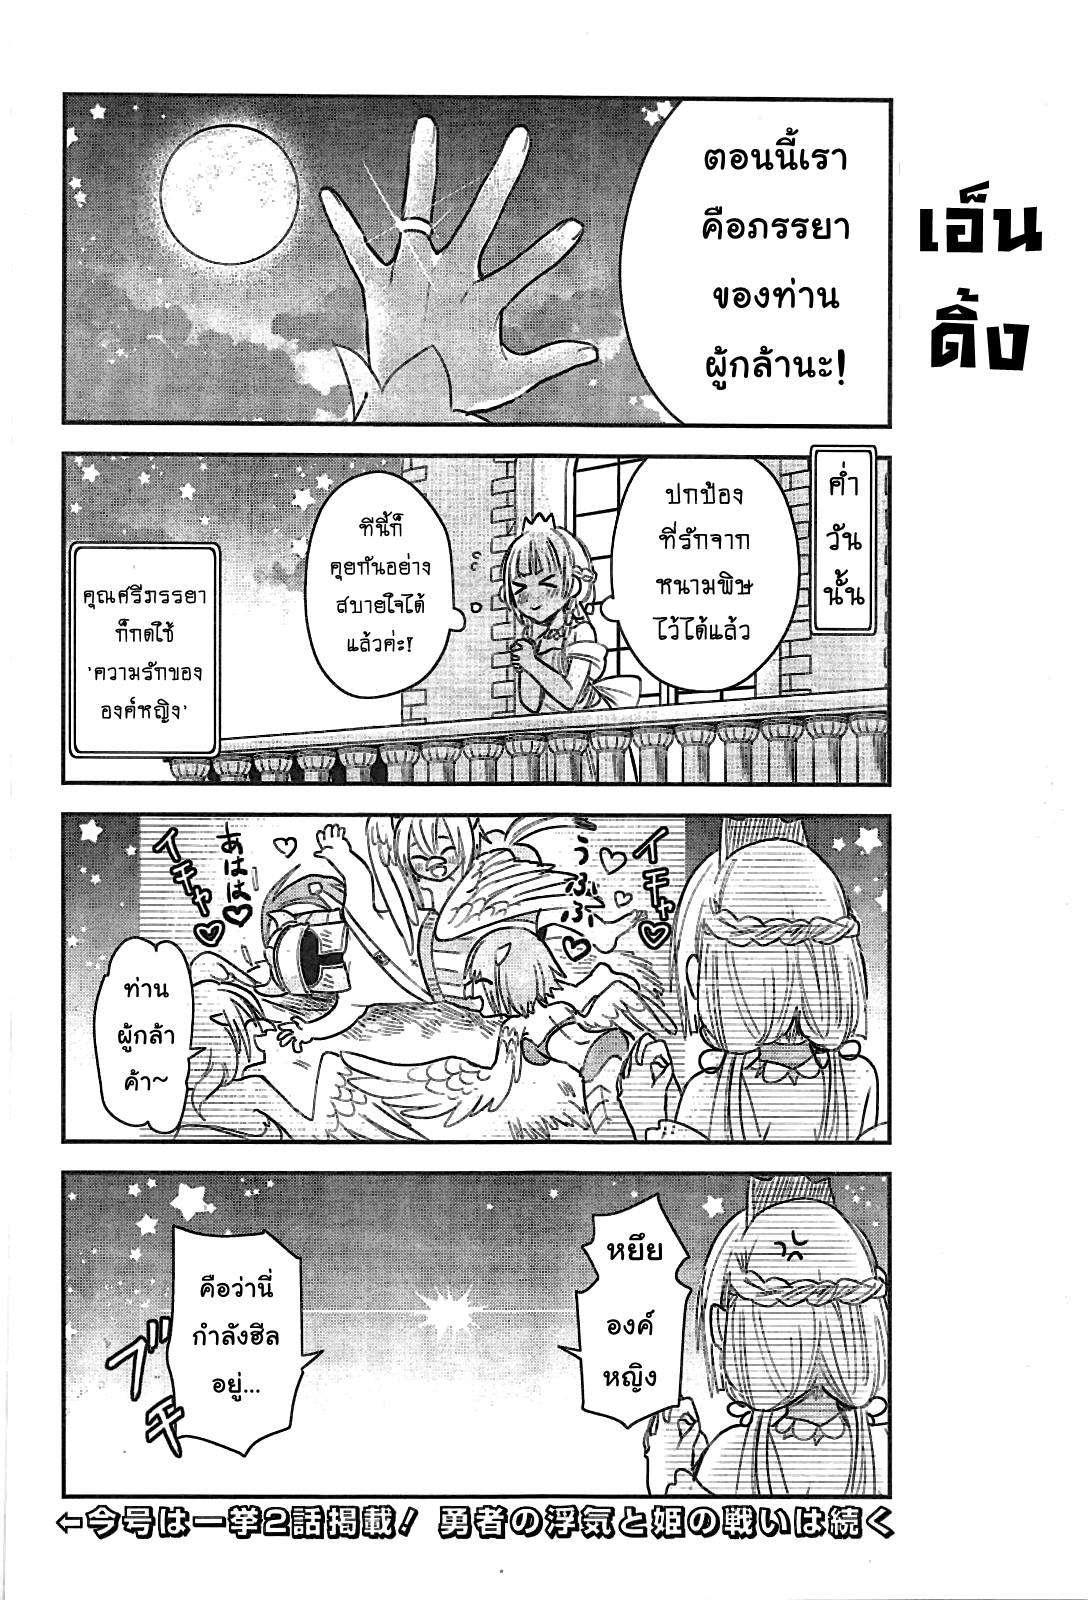 อ่านการ์ตูน Anata no Danna Uwaki shitemasu yo ตอนที่ 1 หน้าที่ 16